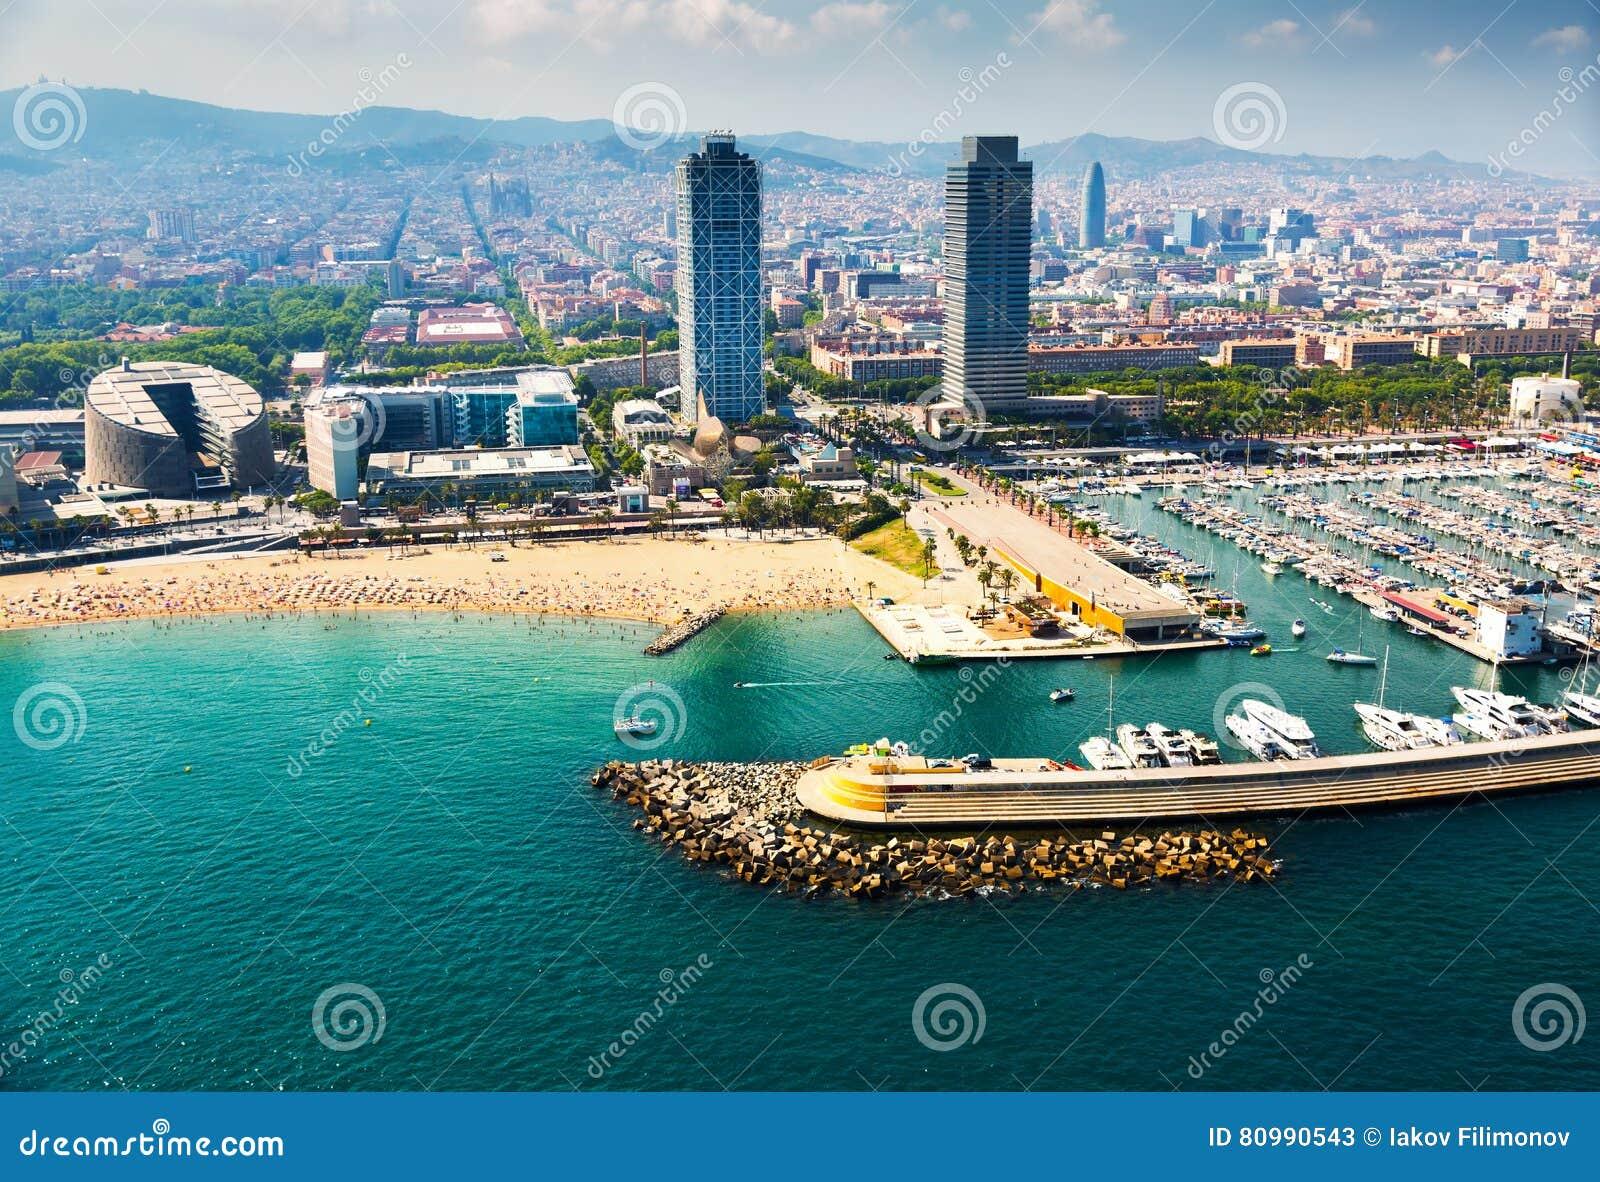 Vista aérea de yates atracados en puerto Barcelona